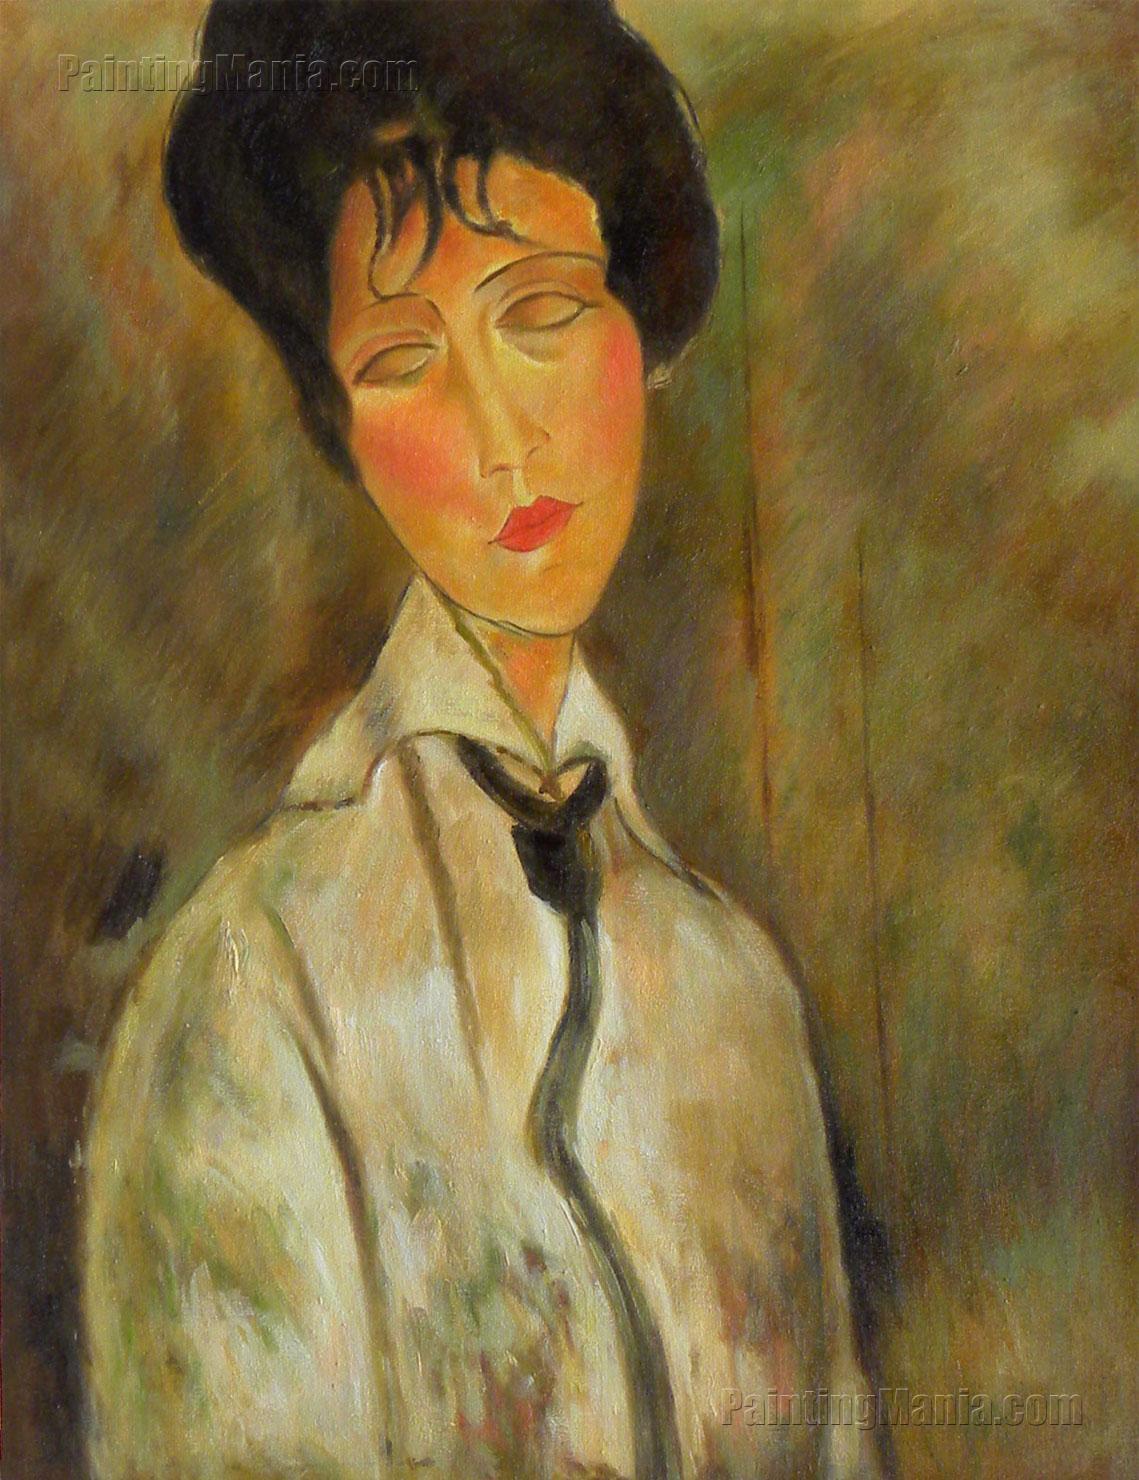 Portrait of a Woman in a Black Tie